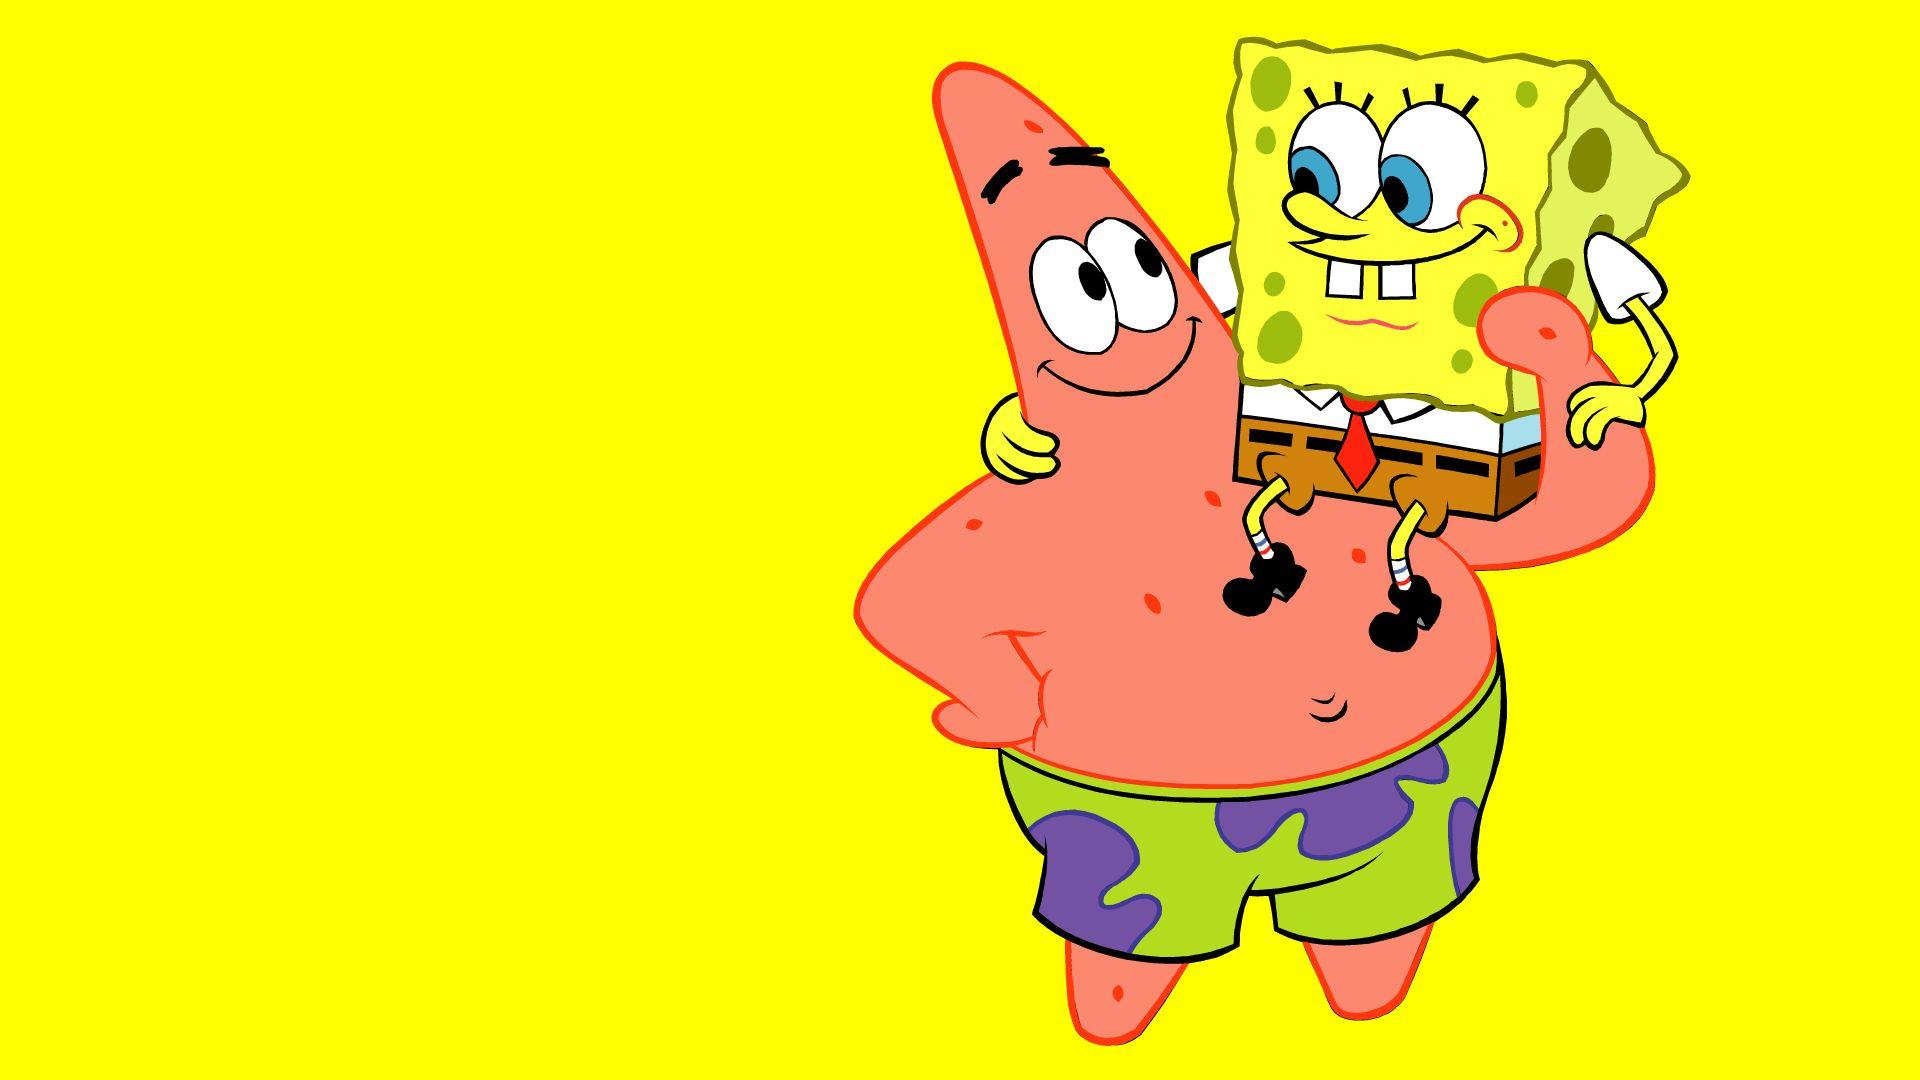 Celebrating Your Best Friends From College Spongebob Wallpaper Spongebob Iphone Wallpaper Funny Wallpaper